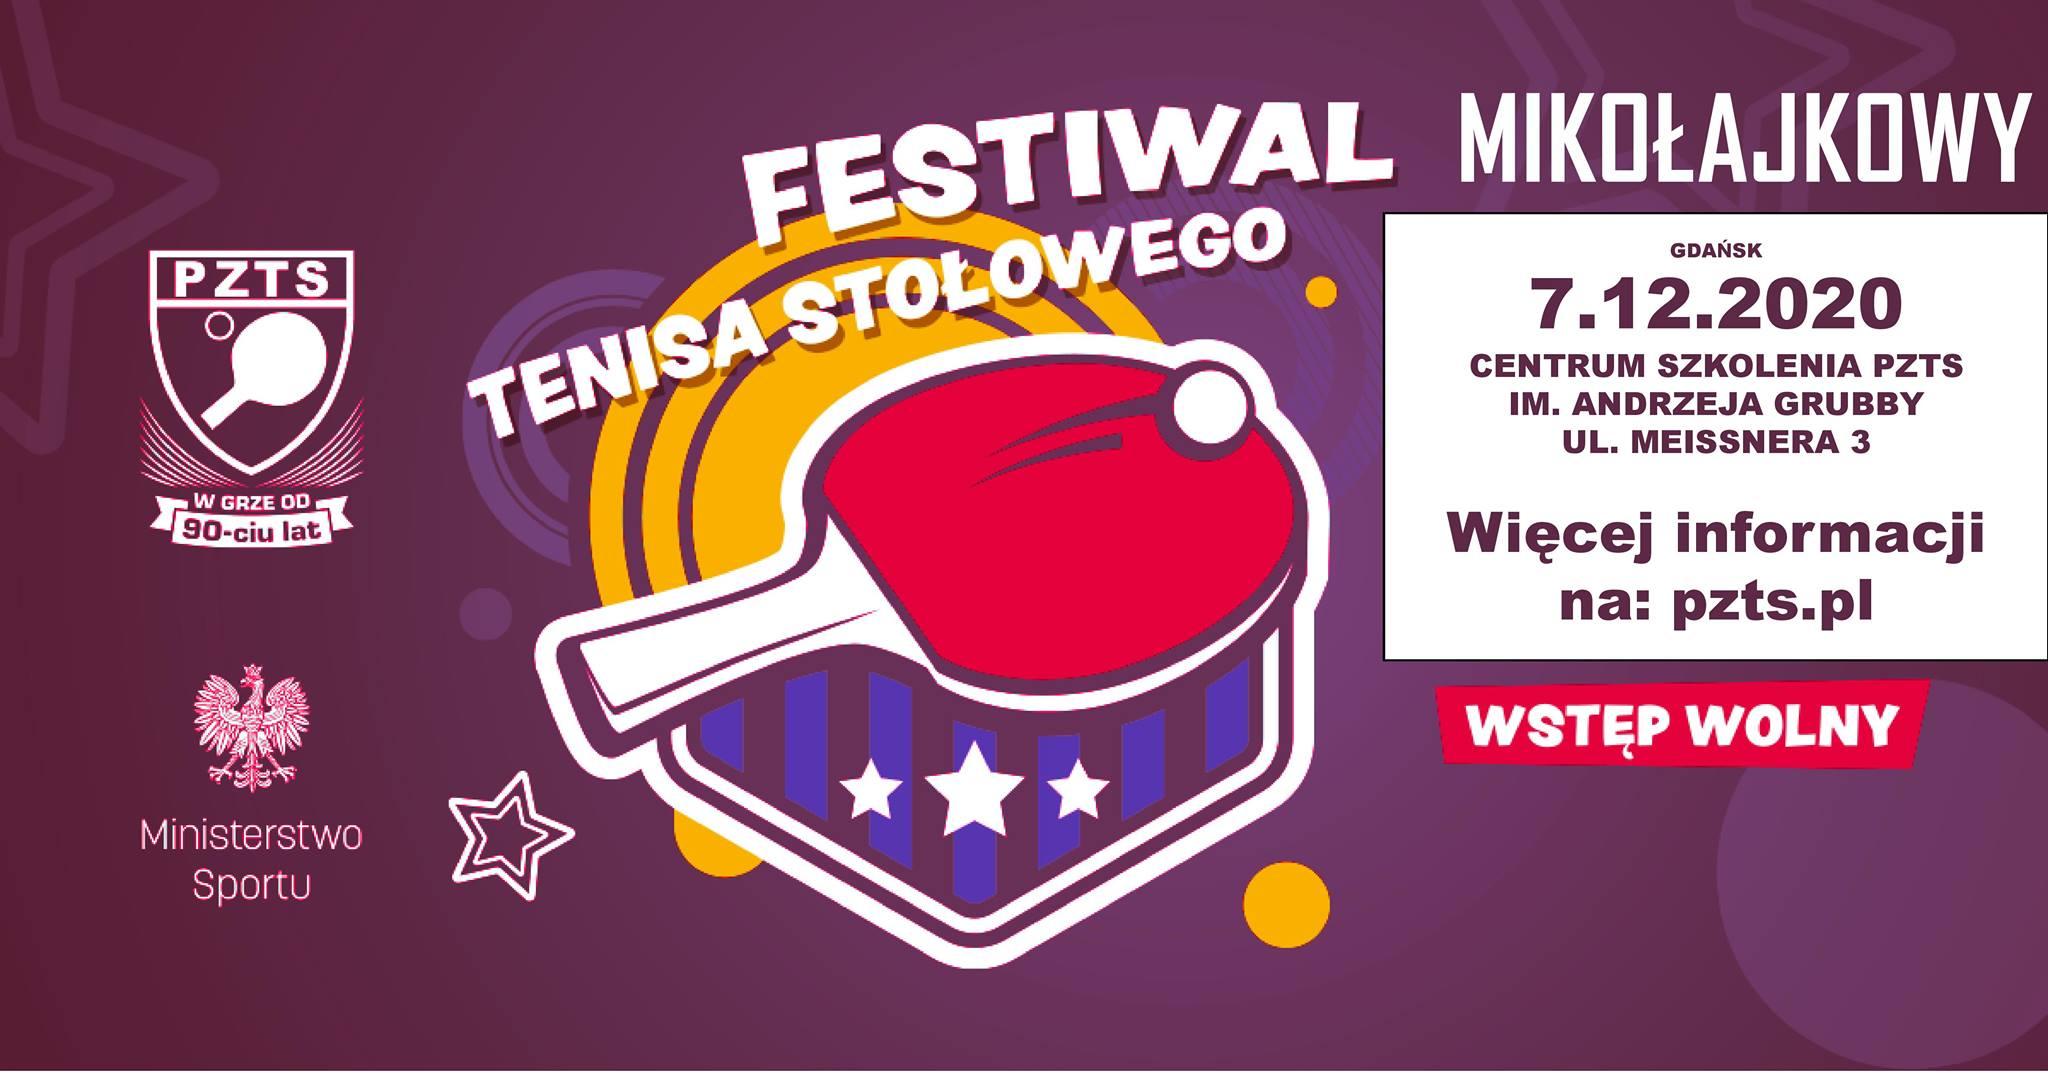 """Plakat turnieju """"MIKOŁAJKOWY"""" Festiwal Tenisa Stołowego 2020"""